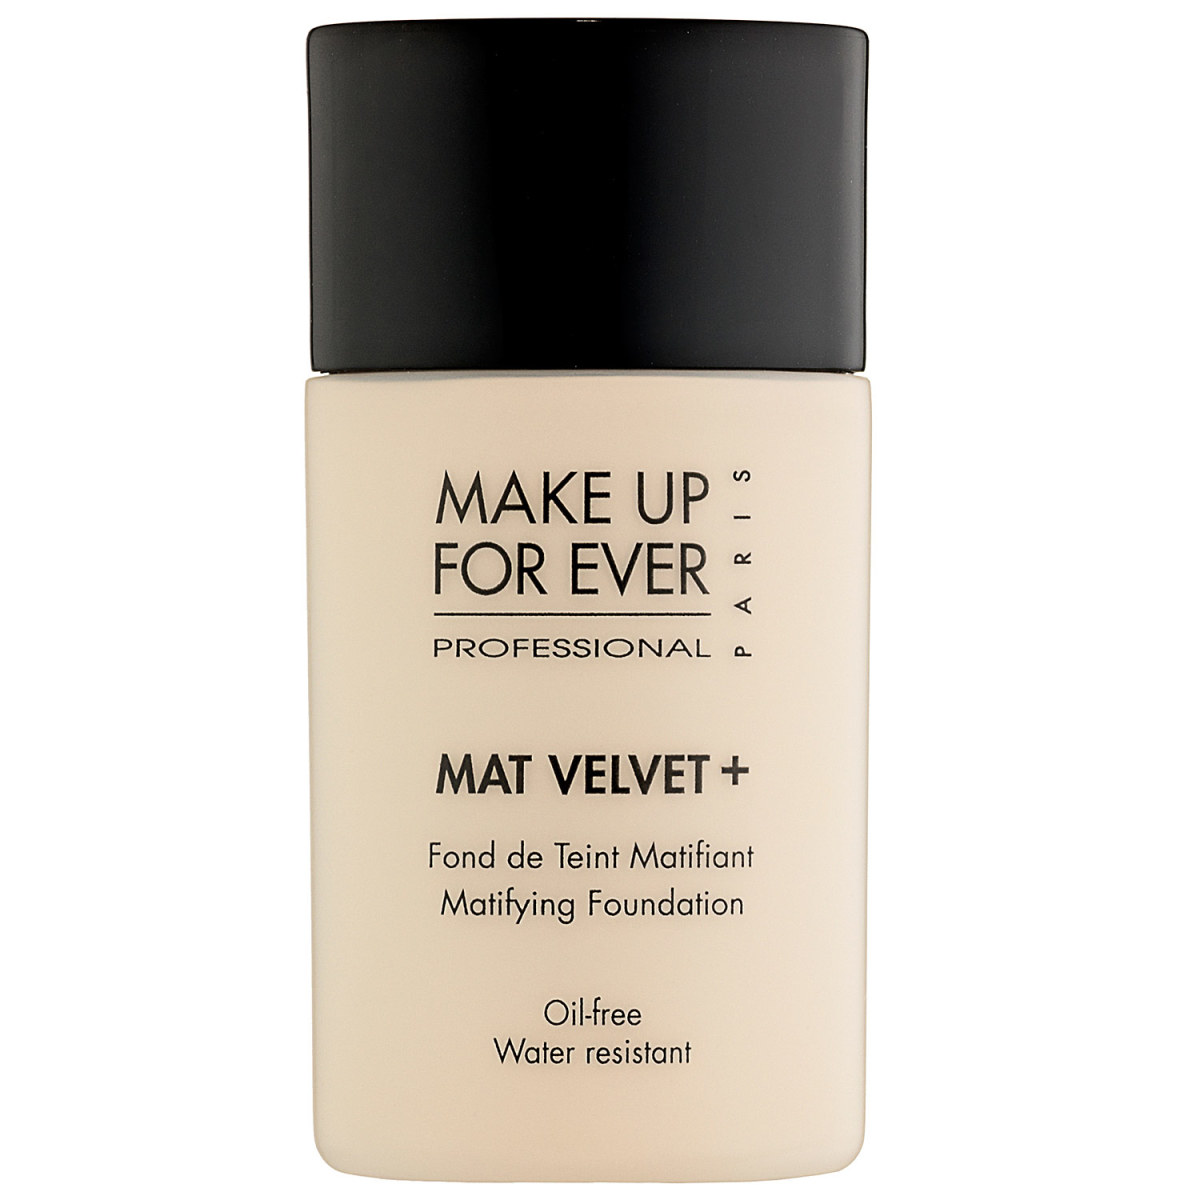 Make Up For Ever Mat Velvet Mattifying Foundation